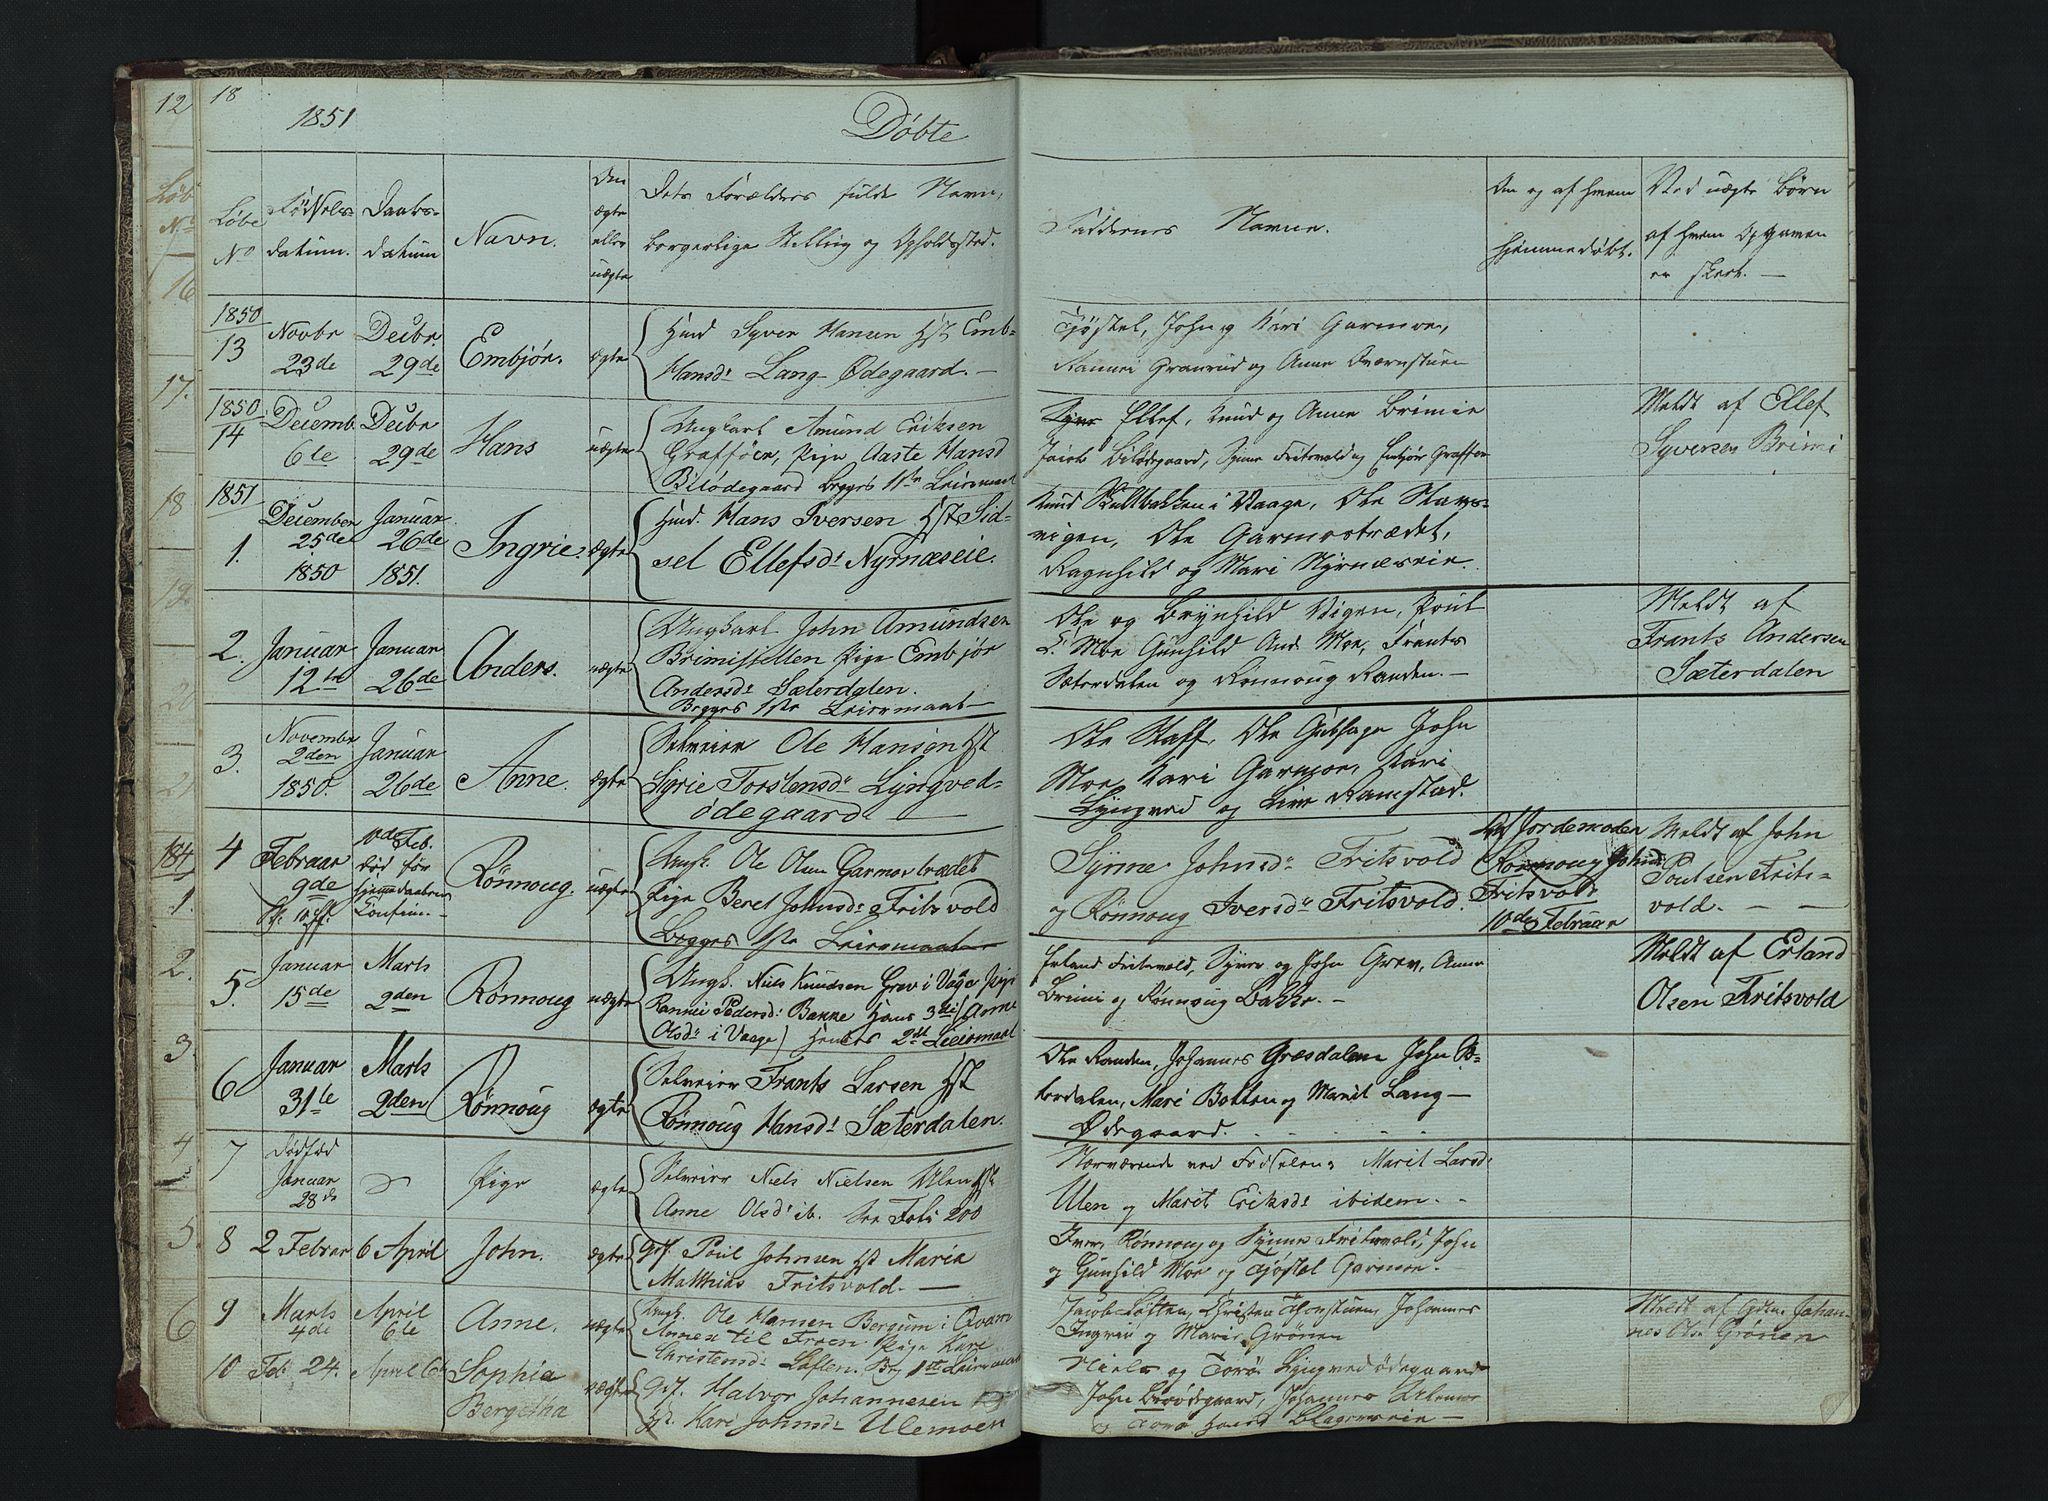 SAH, Lom prestekontor, L/L0014: Klokkerbok nr. 14, 1845-1876, s. 18-19